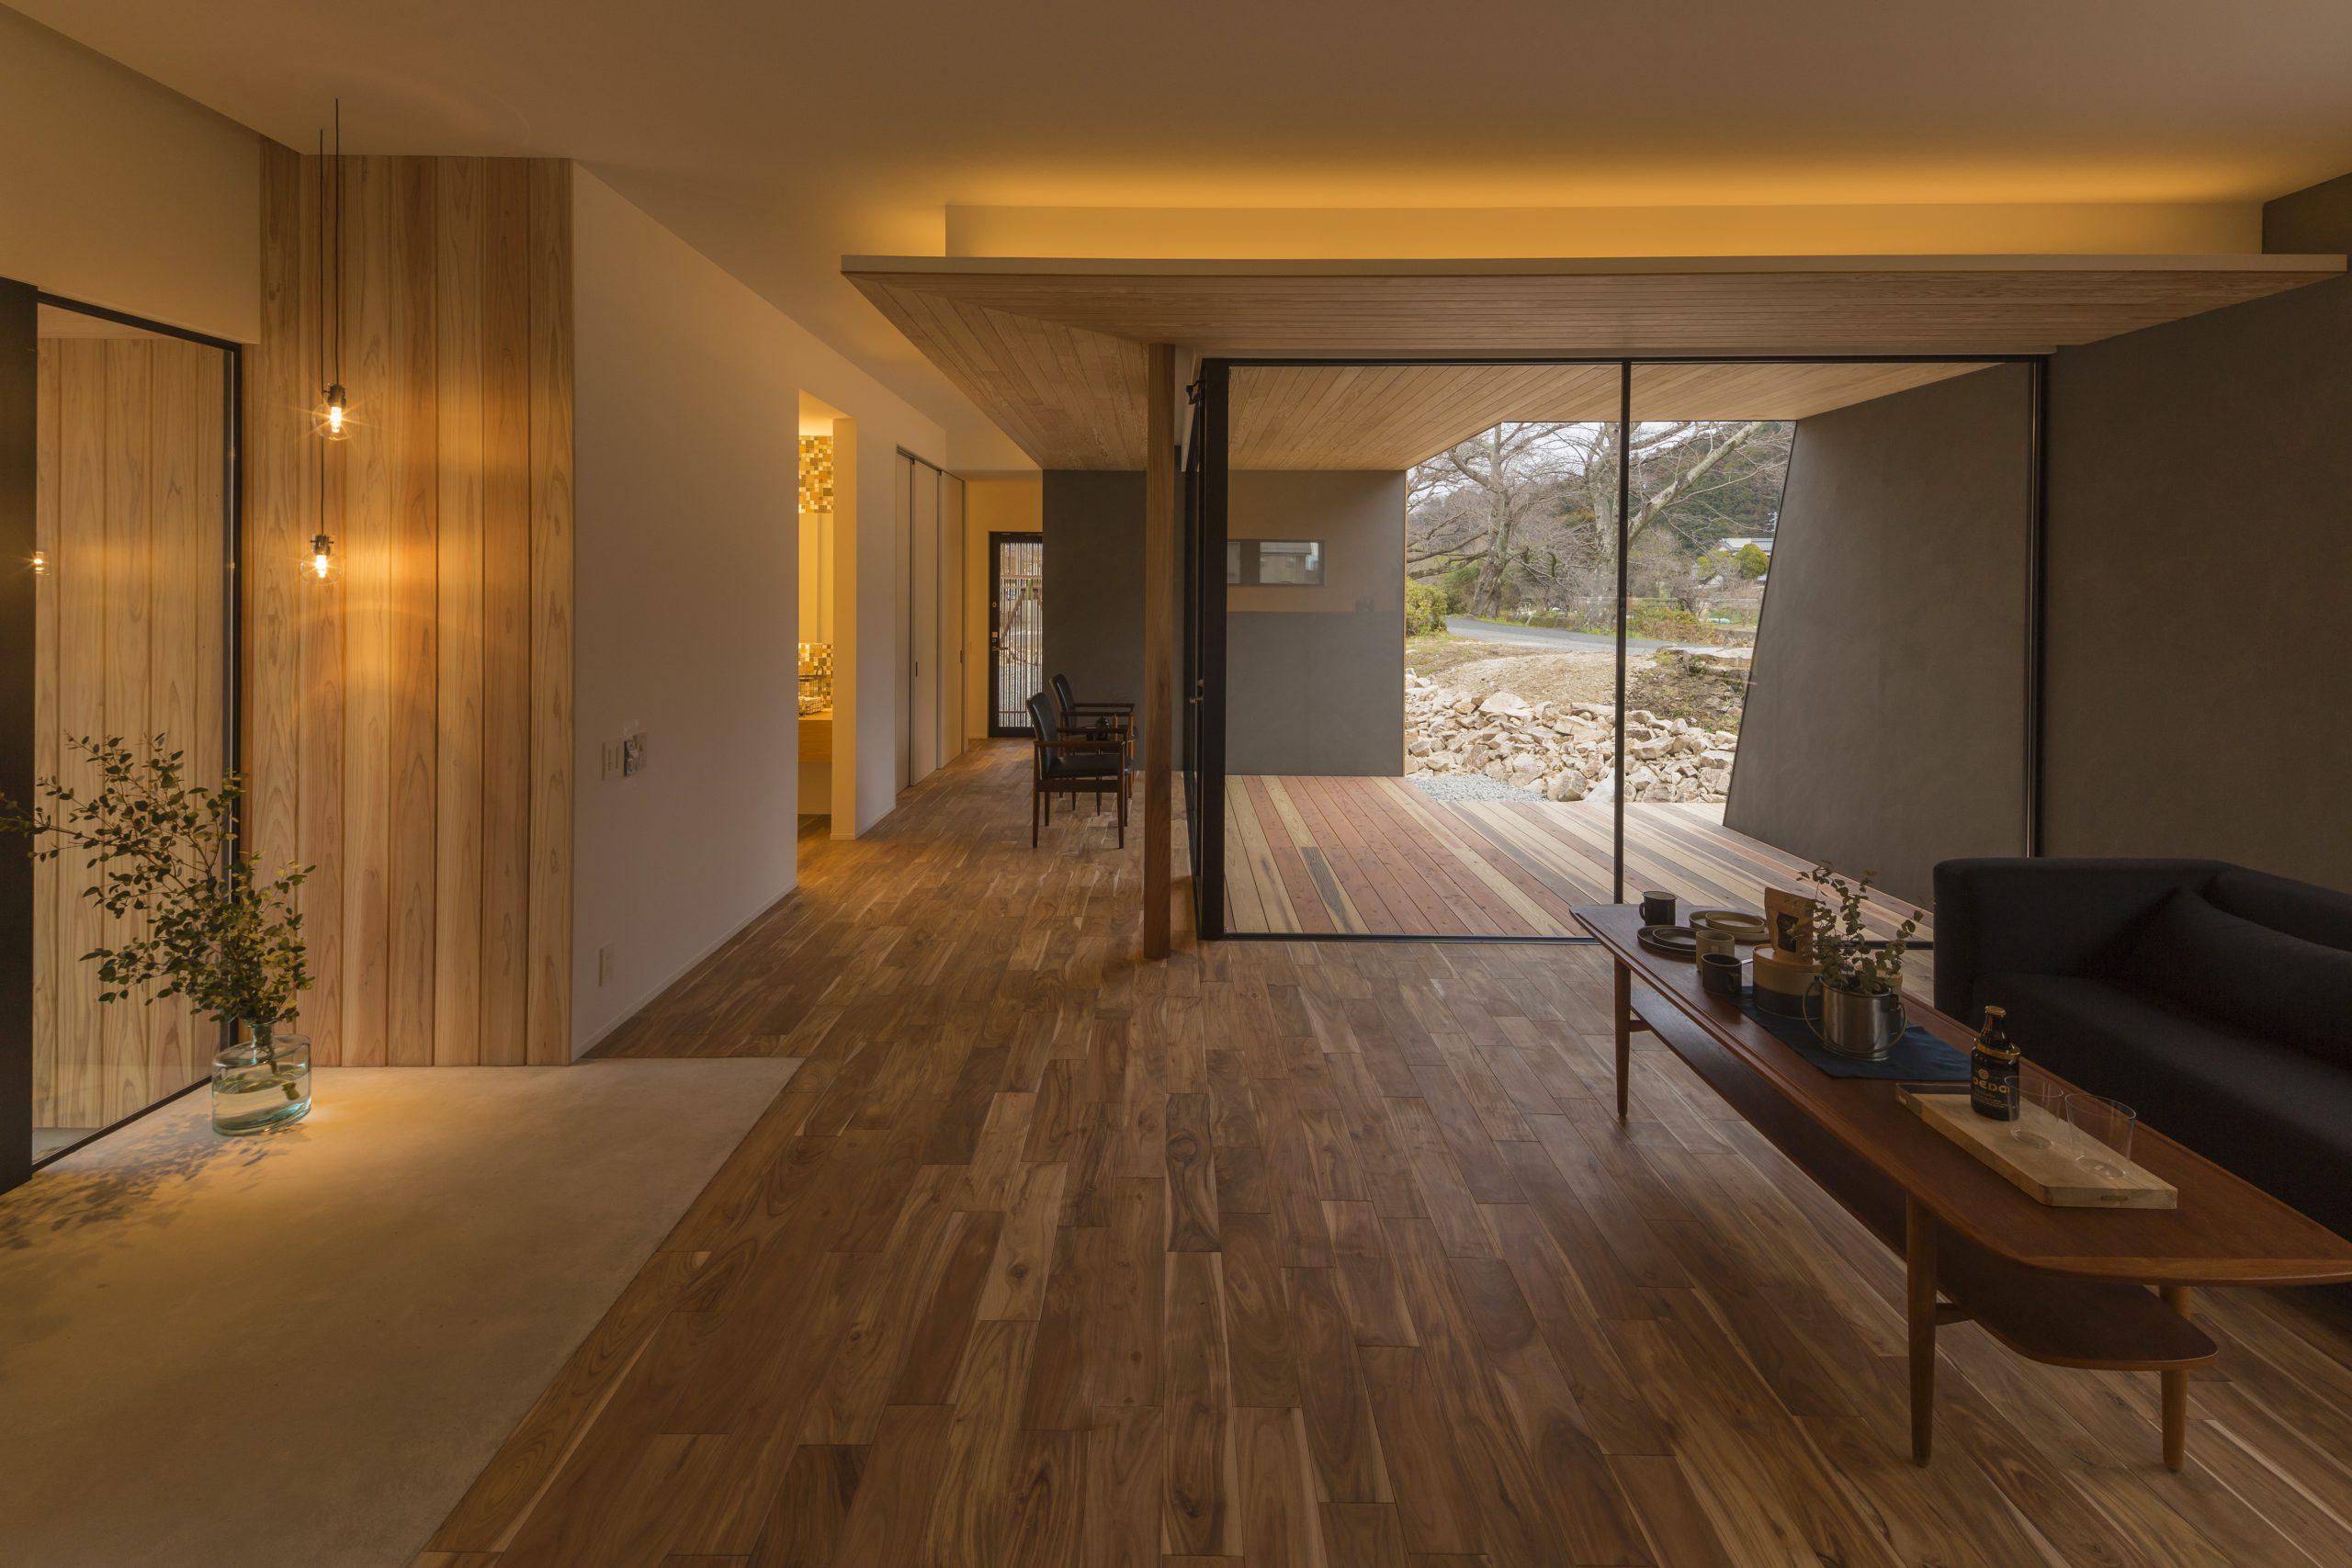 平屋のリビング、開放的な空間